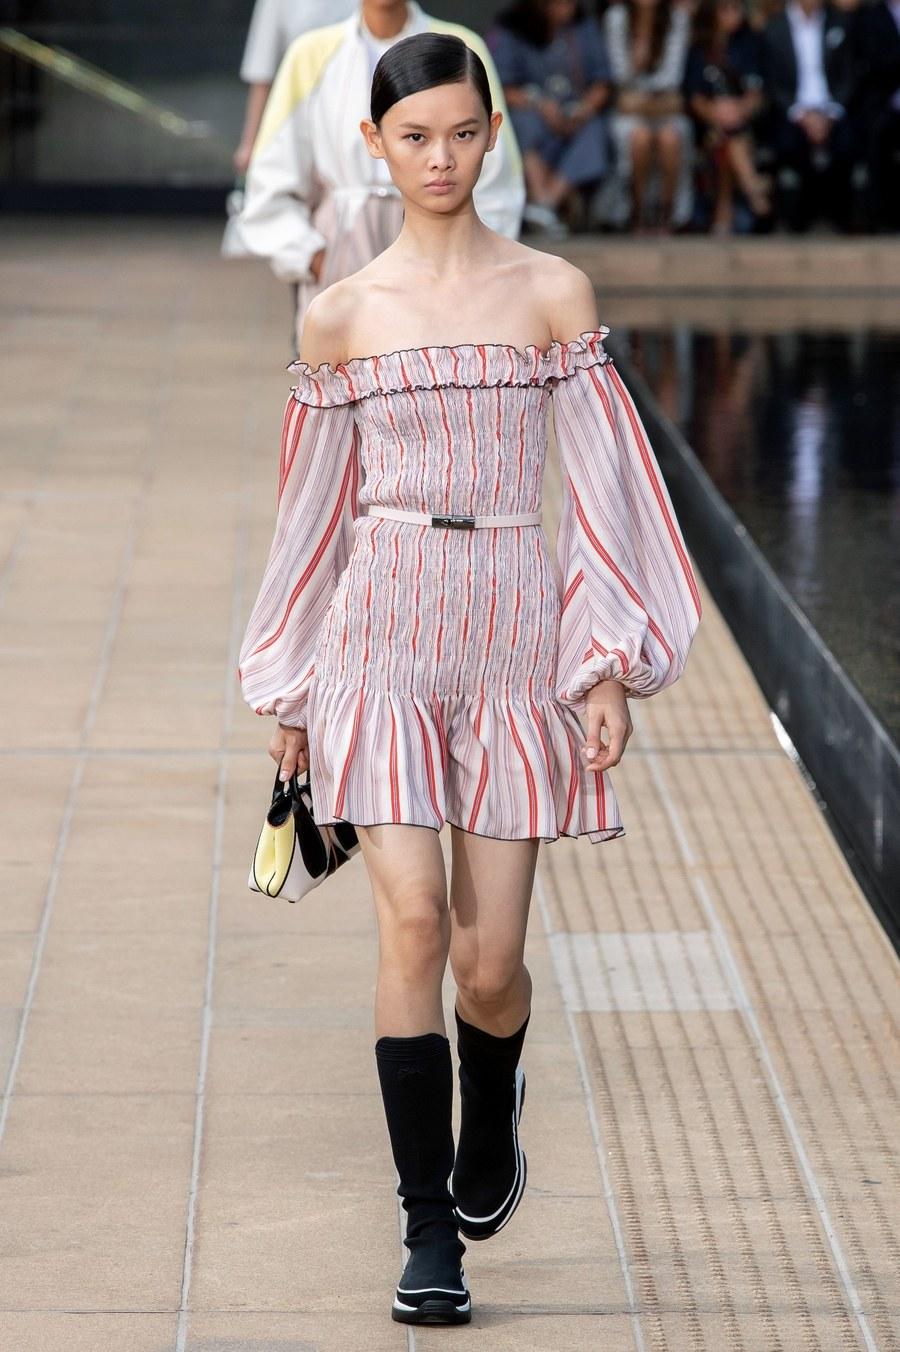 عرض أزياء Longchamp  بأسبوع الموضة بنيويورك (13)